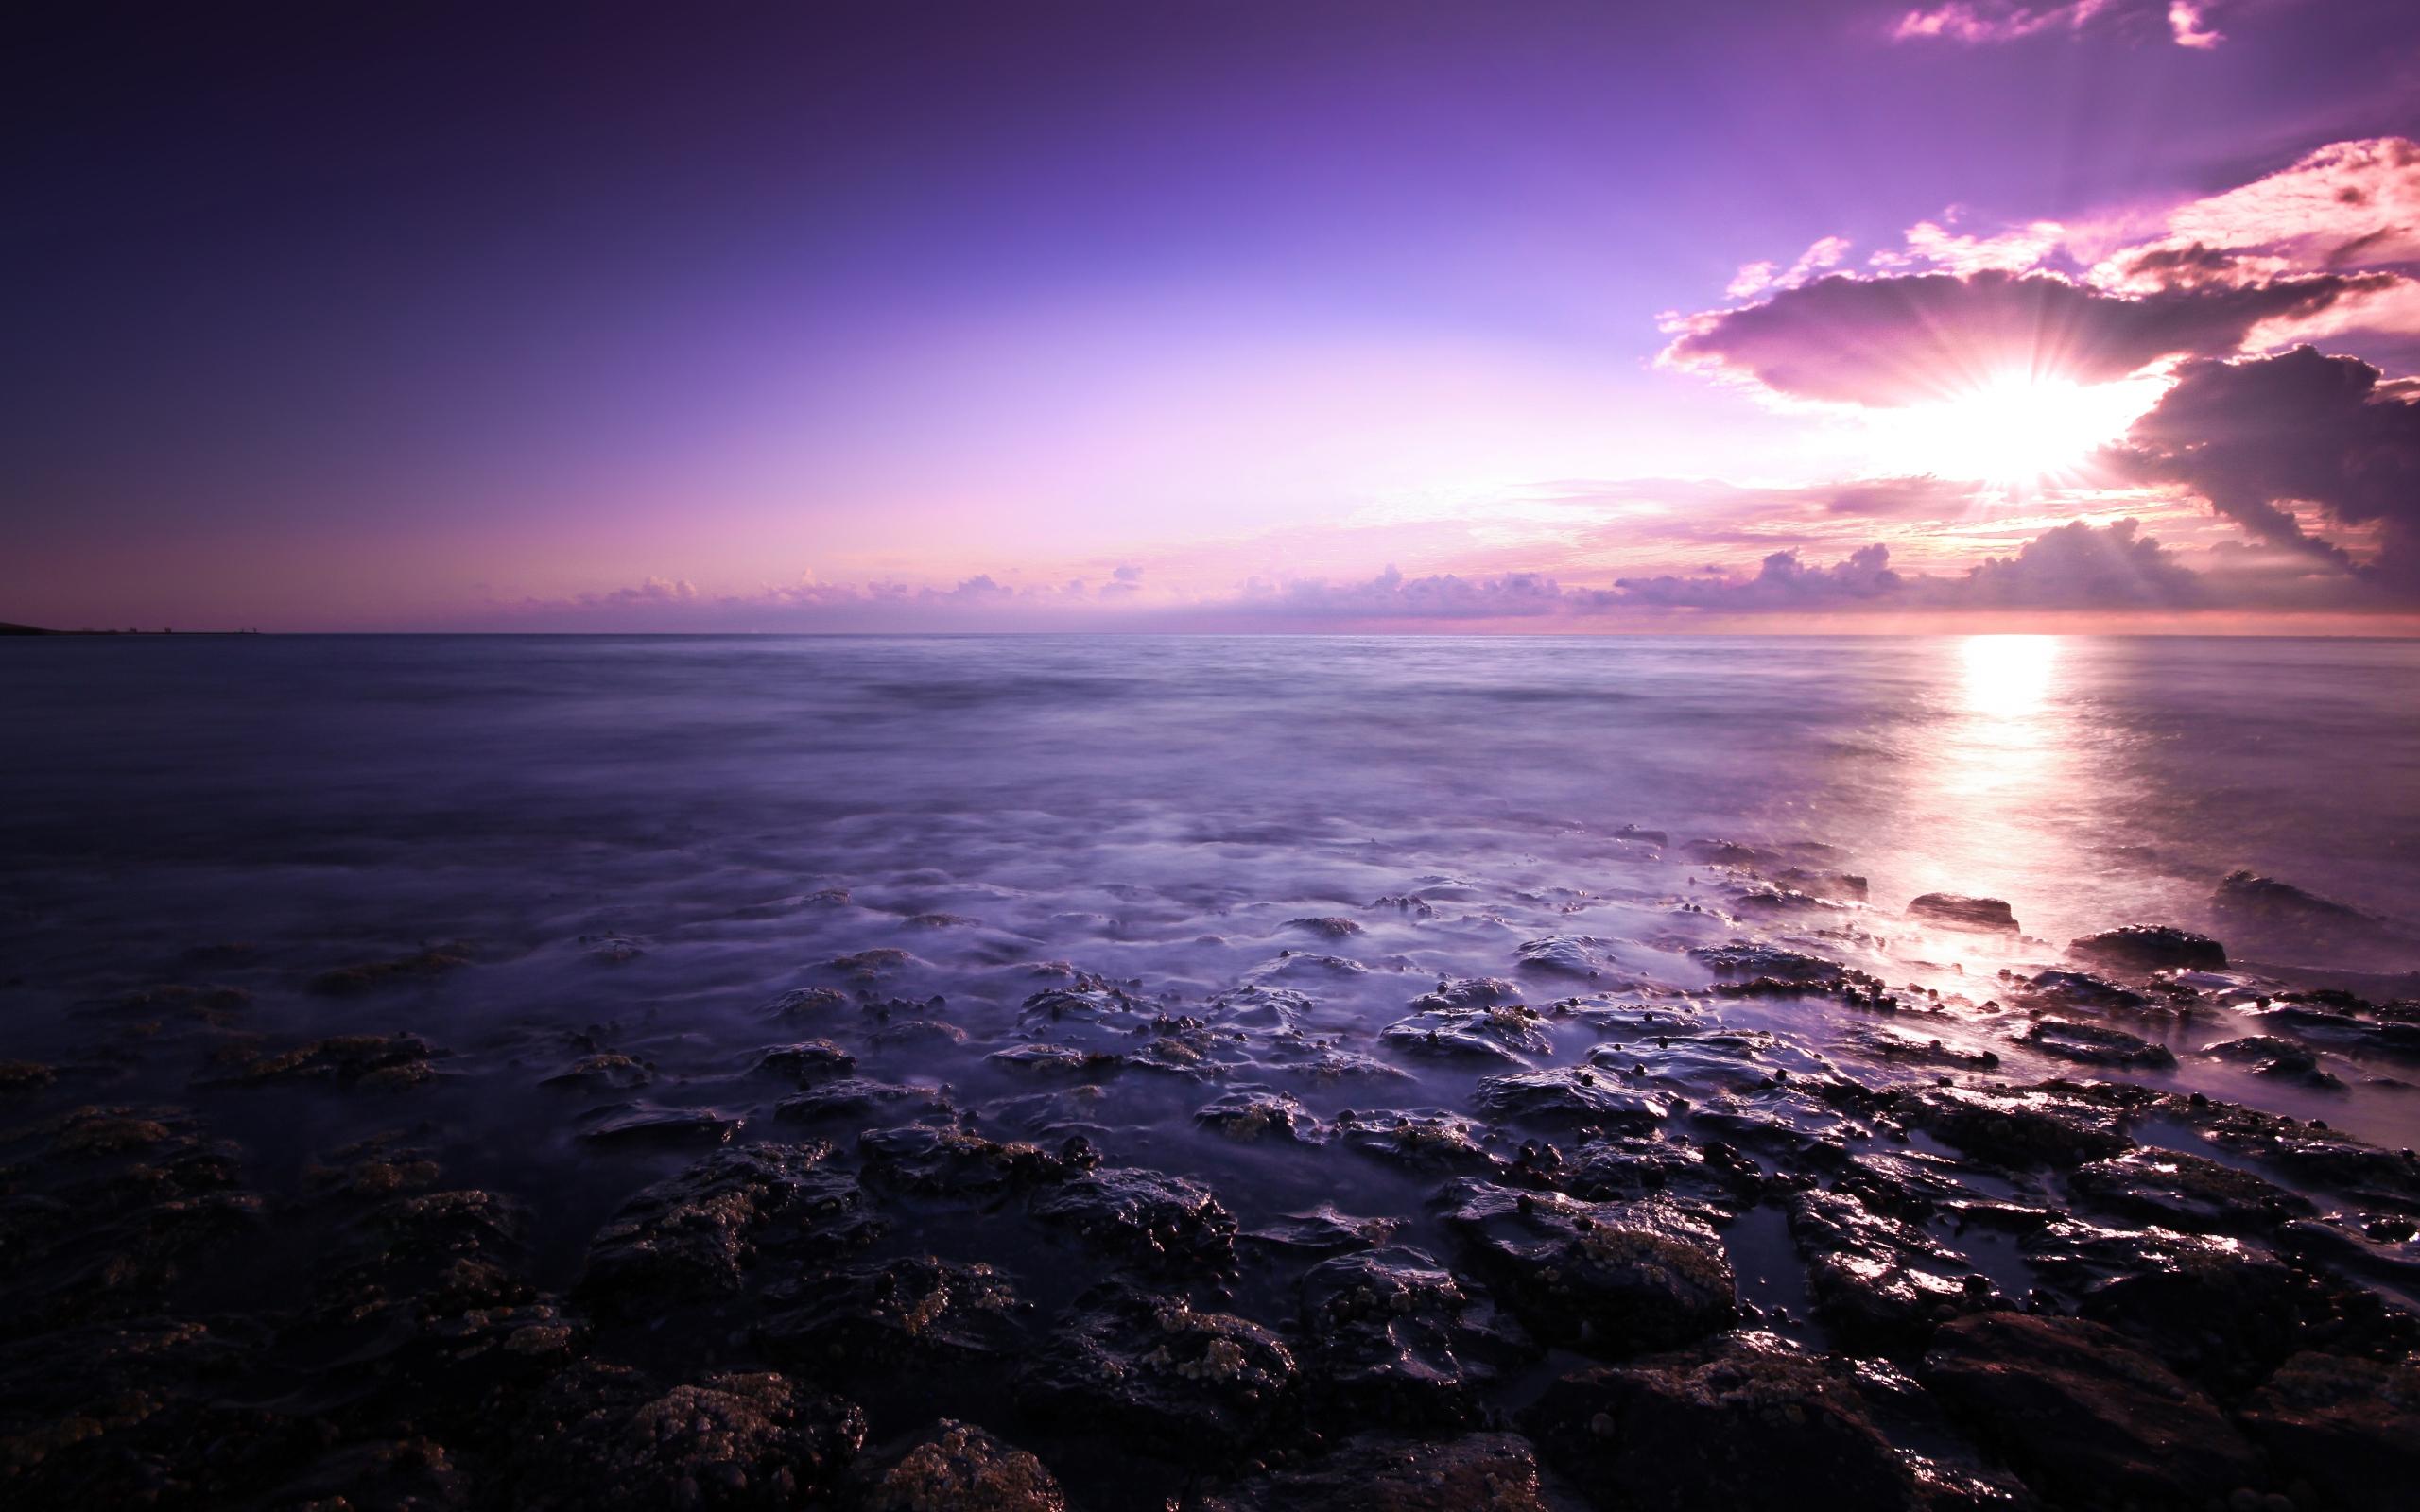 горизонт камни море вода океан природа  № 2556167 бесплатно